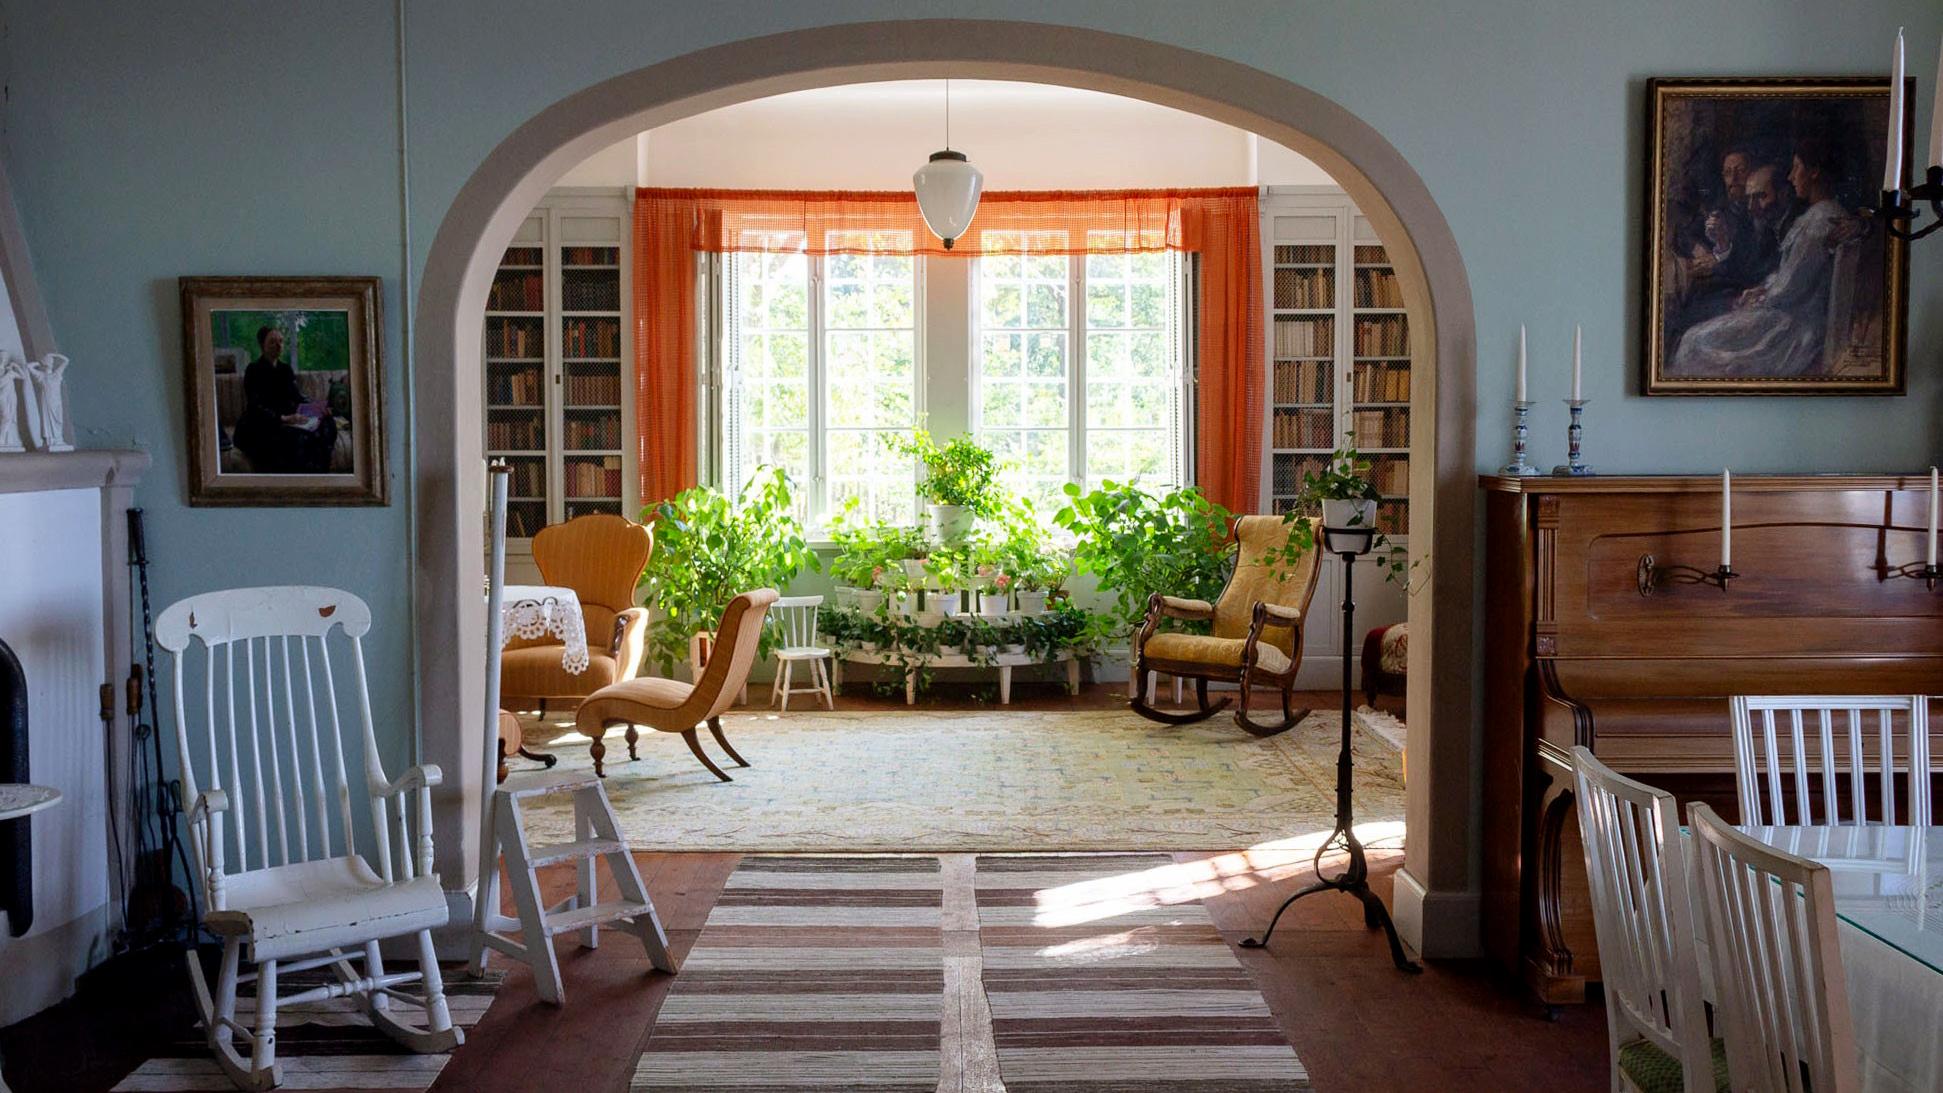 Ett stort rum med ett valv syns rakt fram, roströda gardiner och grönskande krukväxter i fönstret rakt fram. Trasmattor på golvet.